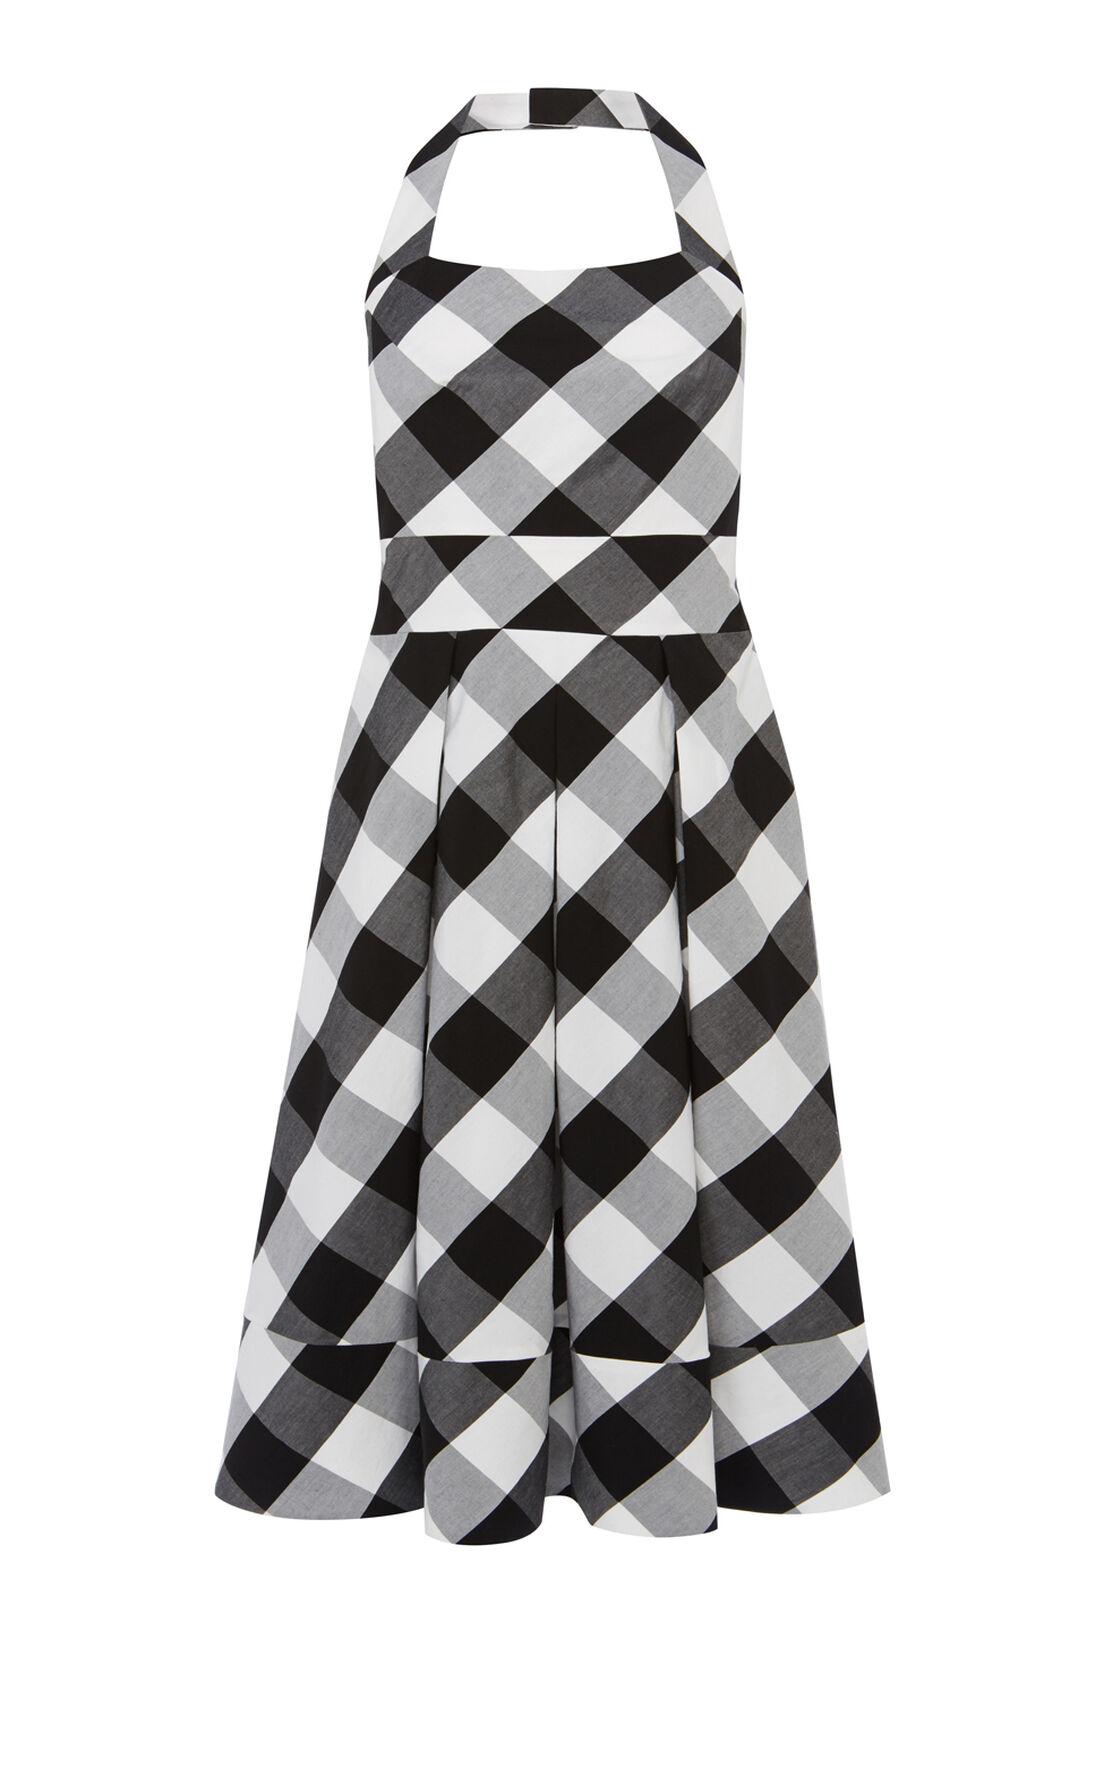 Karen Millen, Gingham full skirted dress Blk&Wht 0